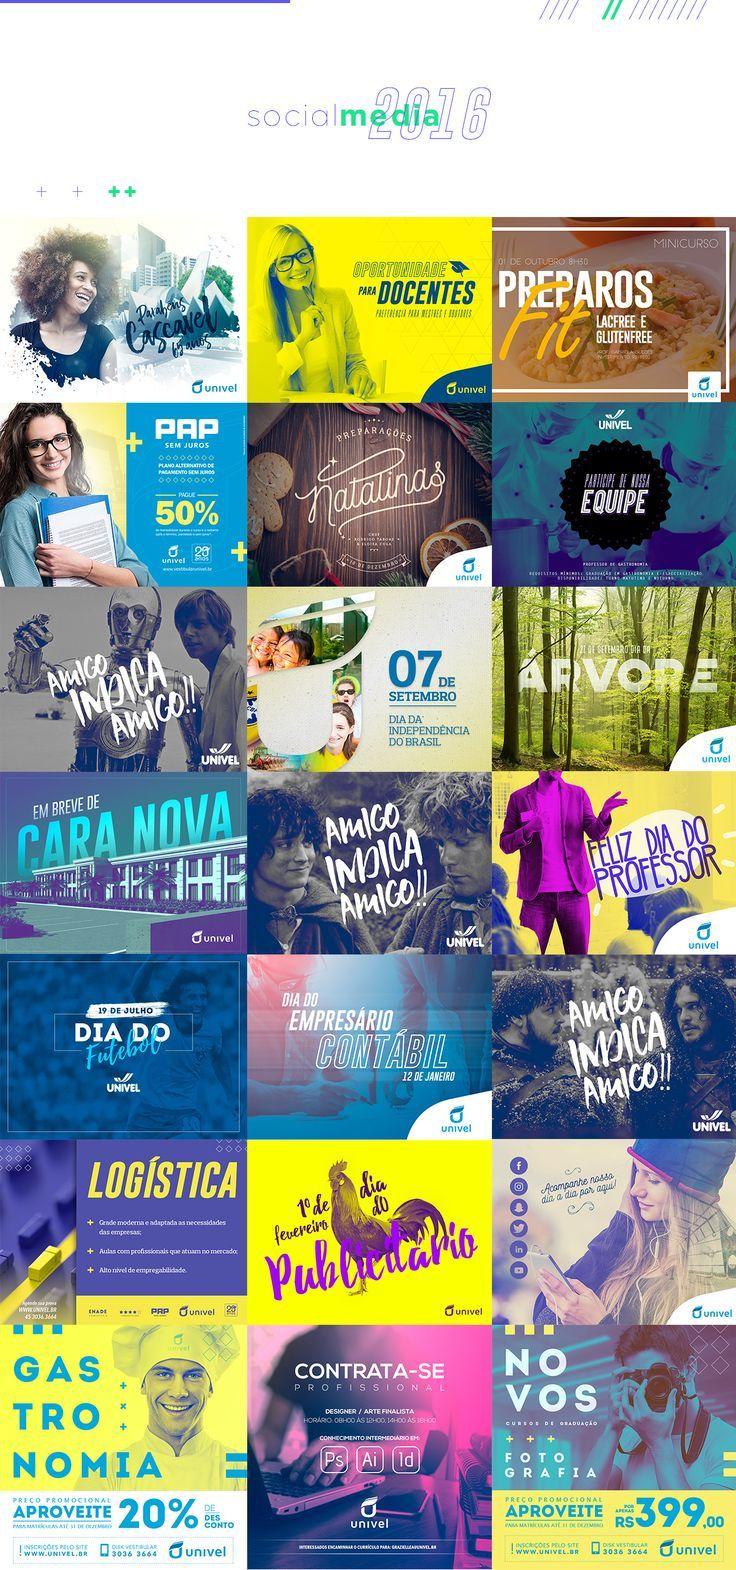 Social Media 2016 - Univel on Behance